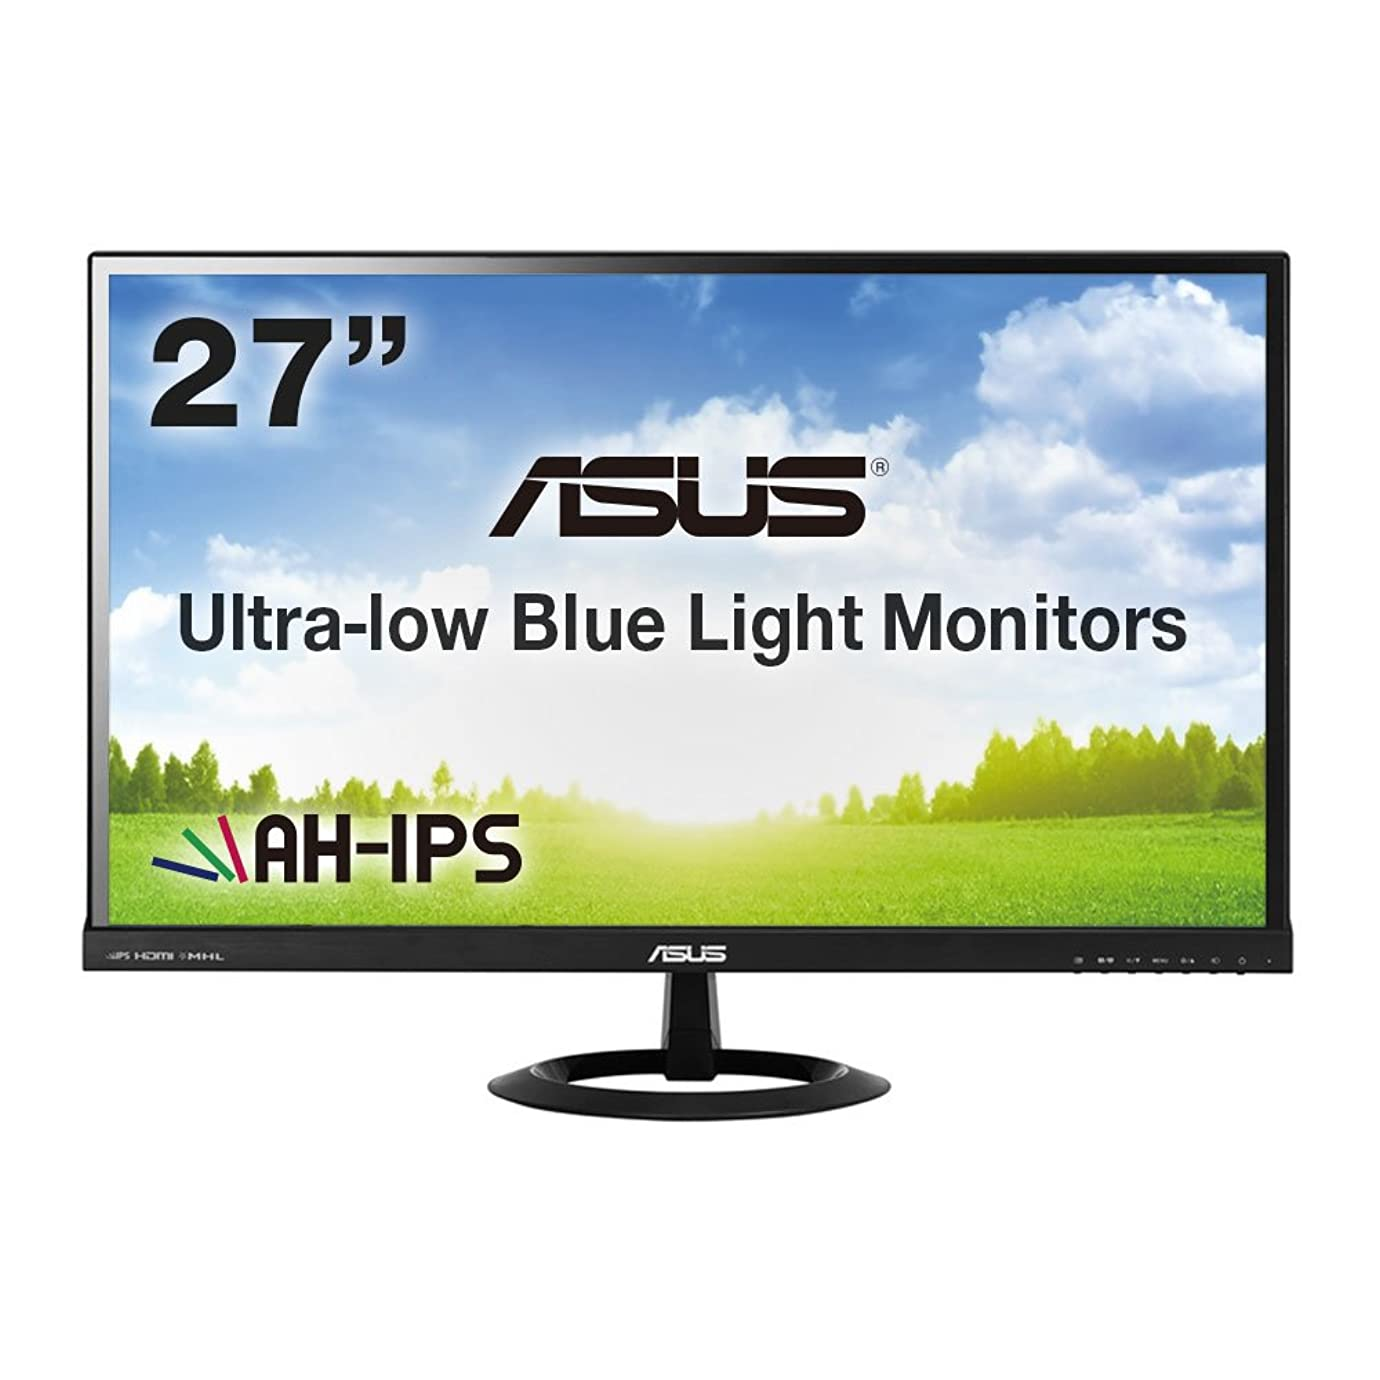 洞察力未来性格ASUS 27型フルHDディスプレイ ( AH-IPS / 広視野角178° / ブルーライト低減 / HDMI×2,D-sub×1 / スピーカー内蔵 / ブラック / 3年保証 ) VX279H-J